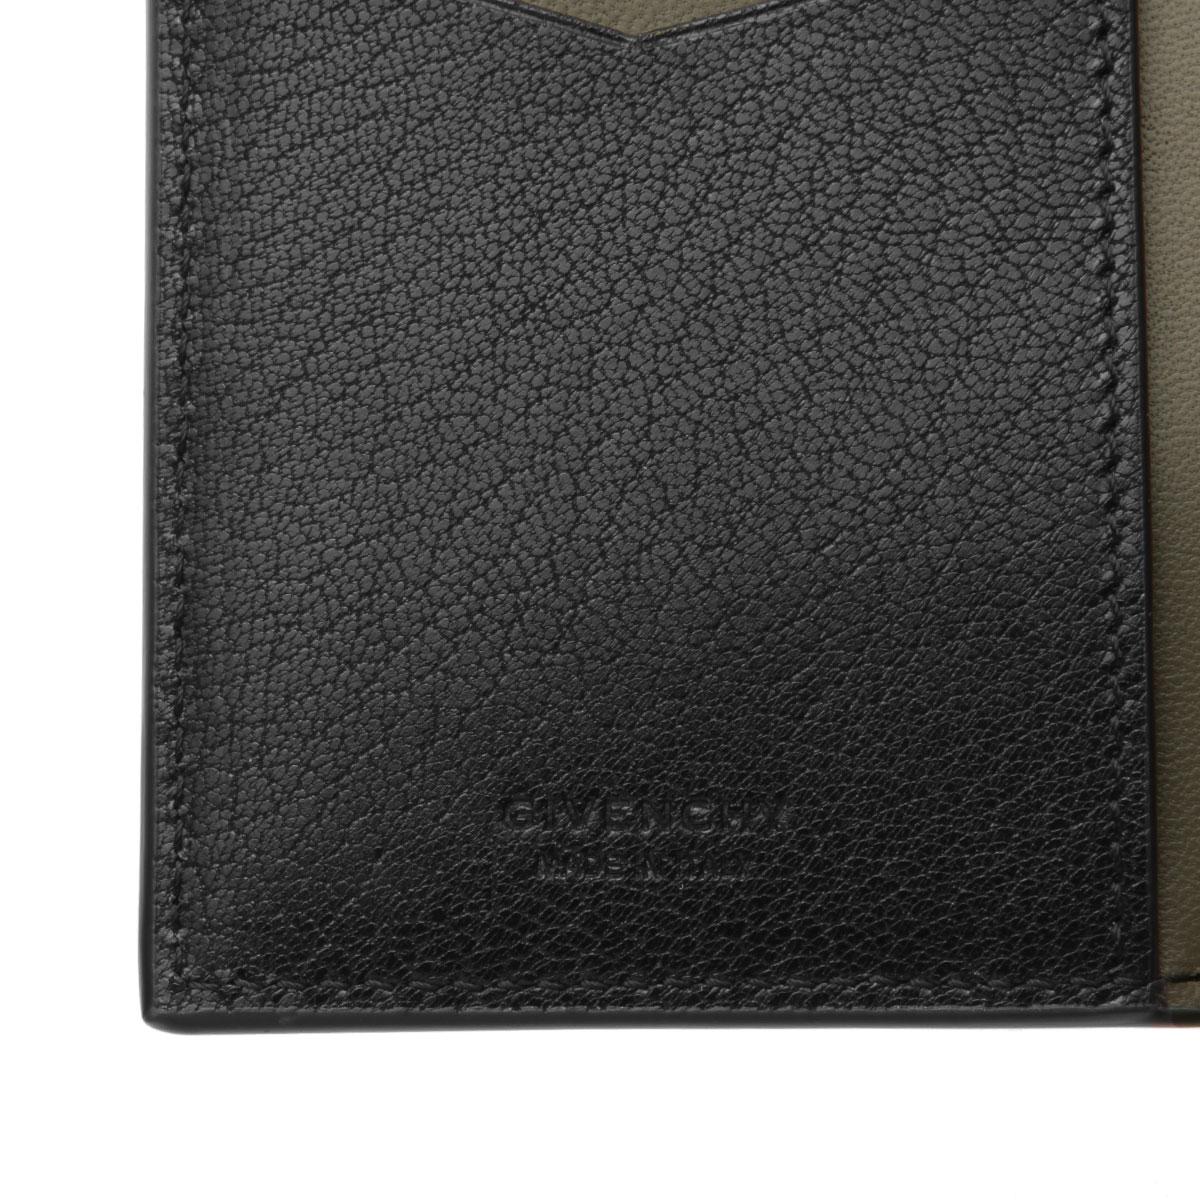 GIVENCHY ジバンシー | 二つ折り財布 ミディアム | GV3 ジーブイスリー